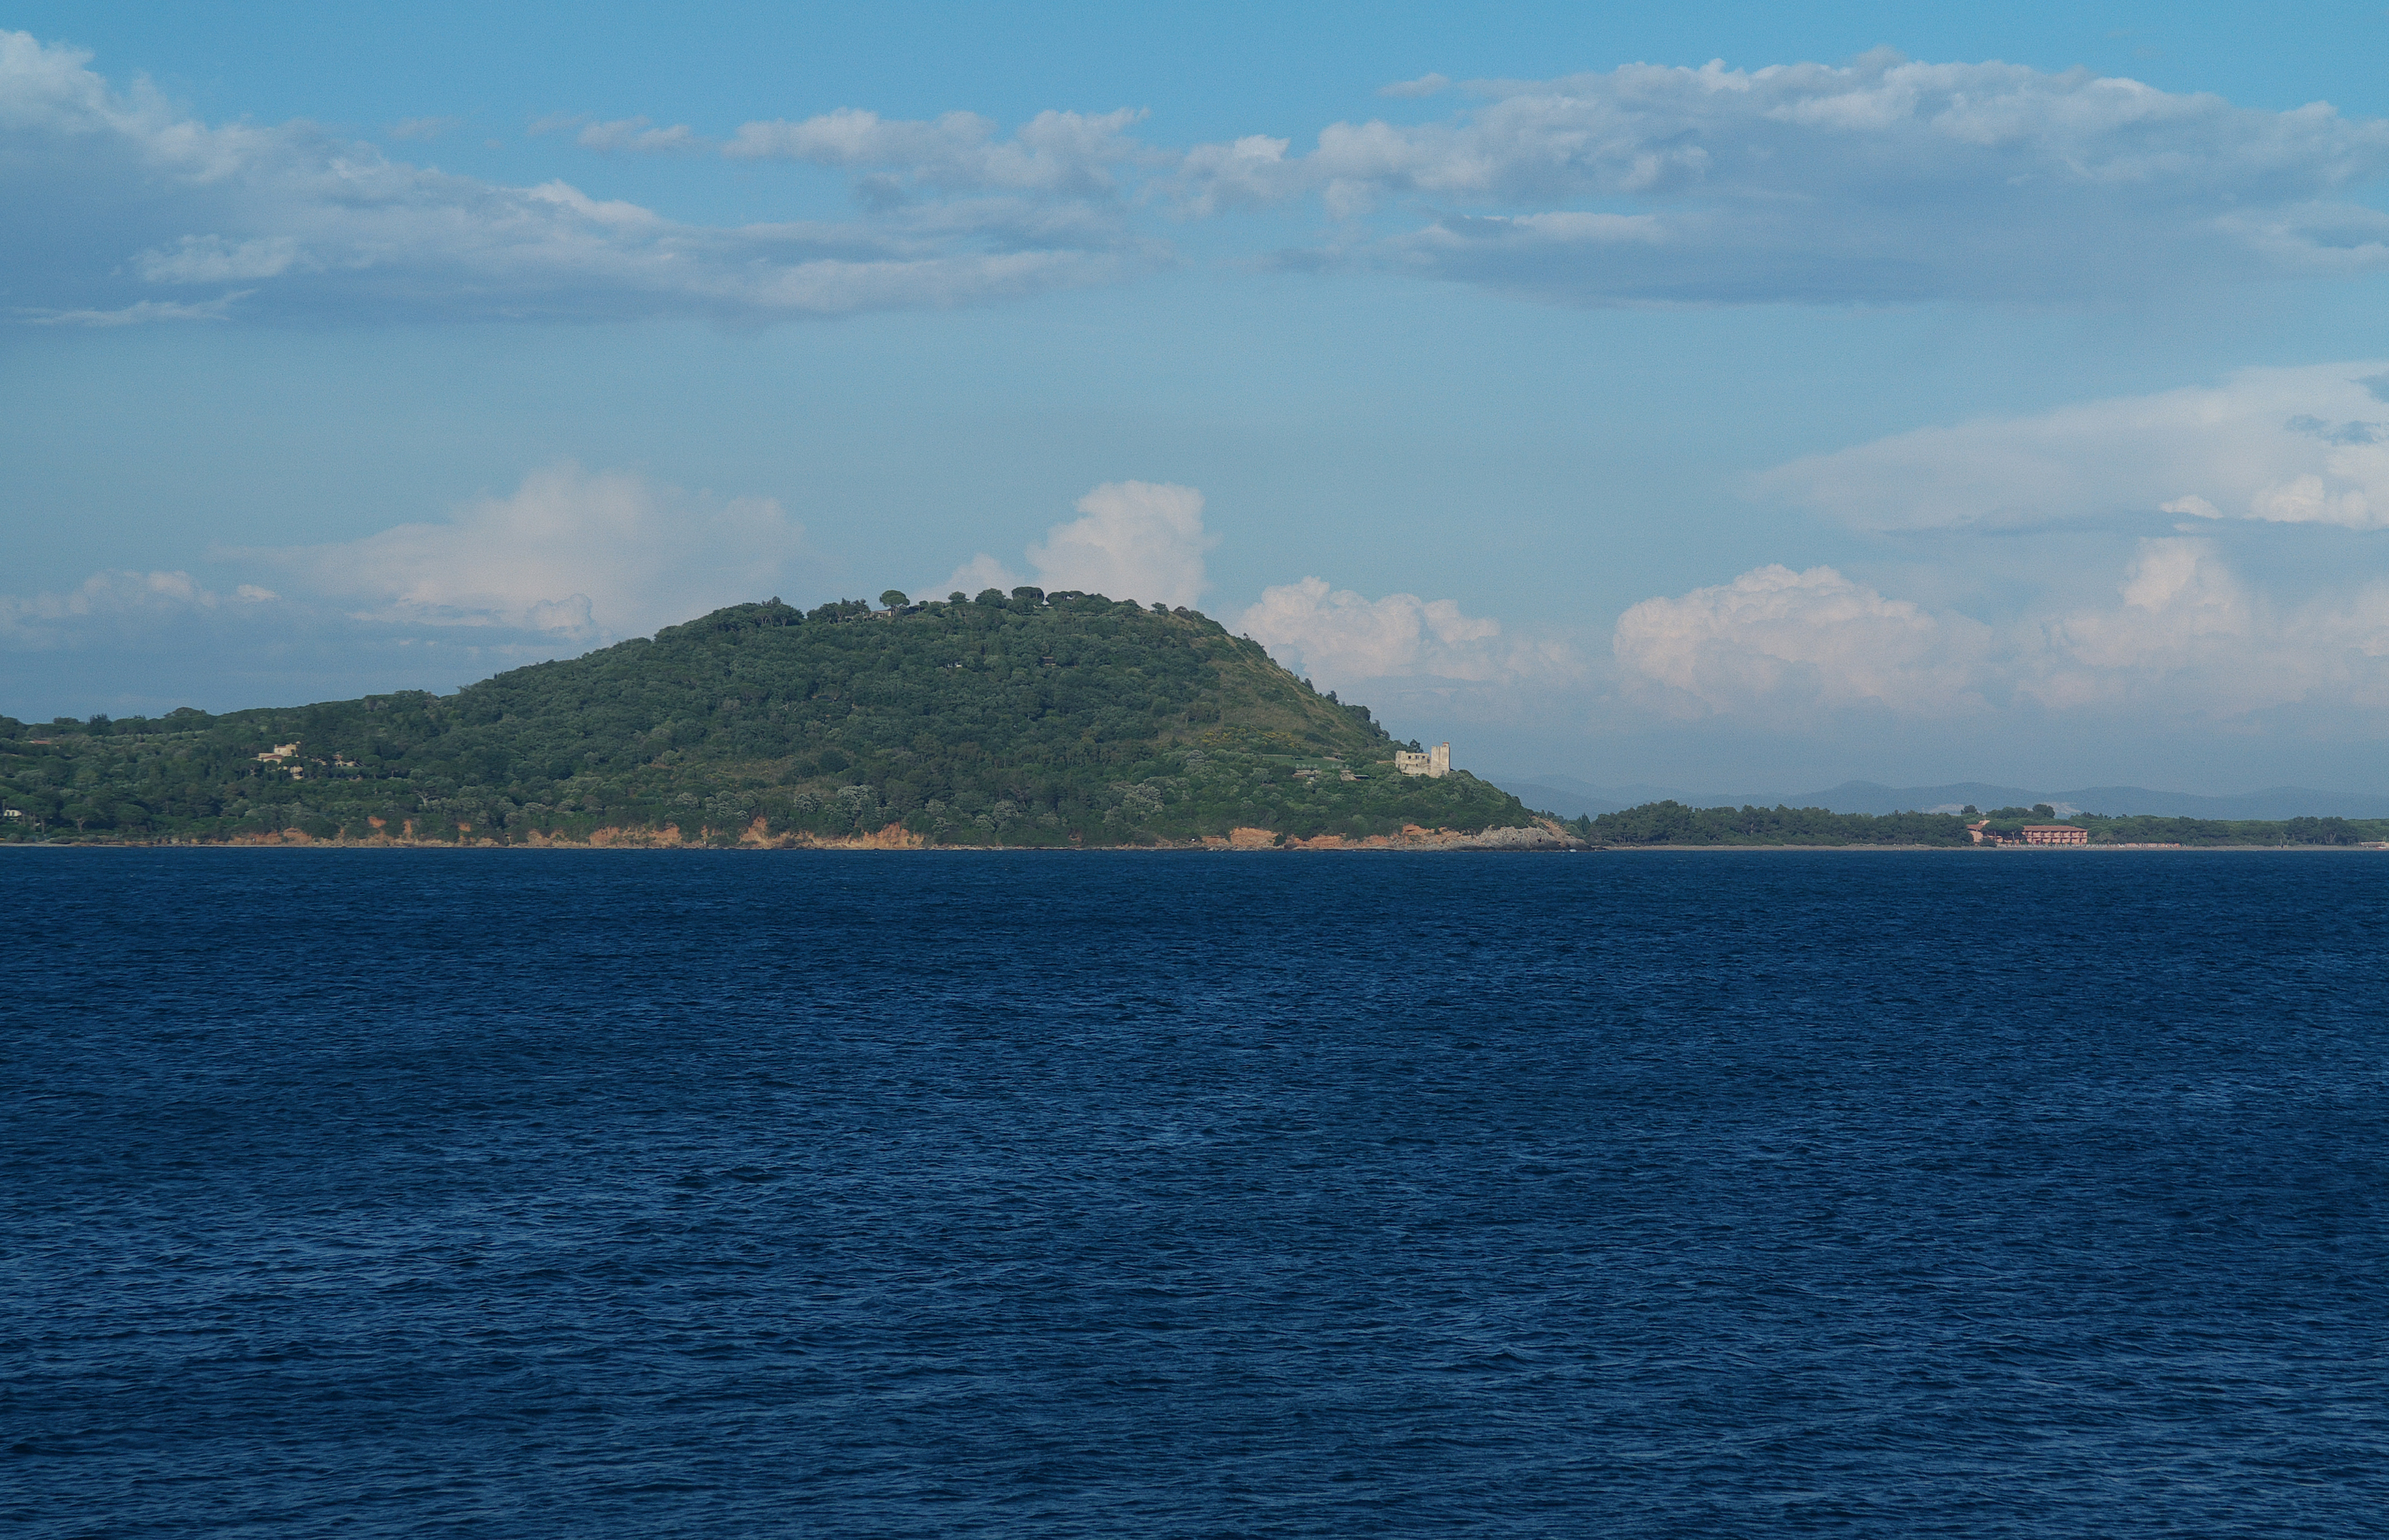 Talamone, Poggio Talamonaccio e la torre di Talamonaccio